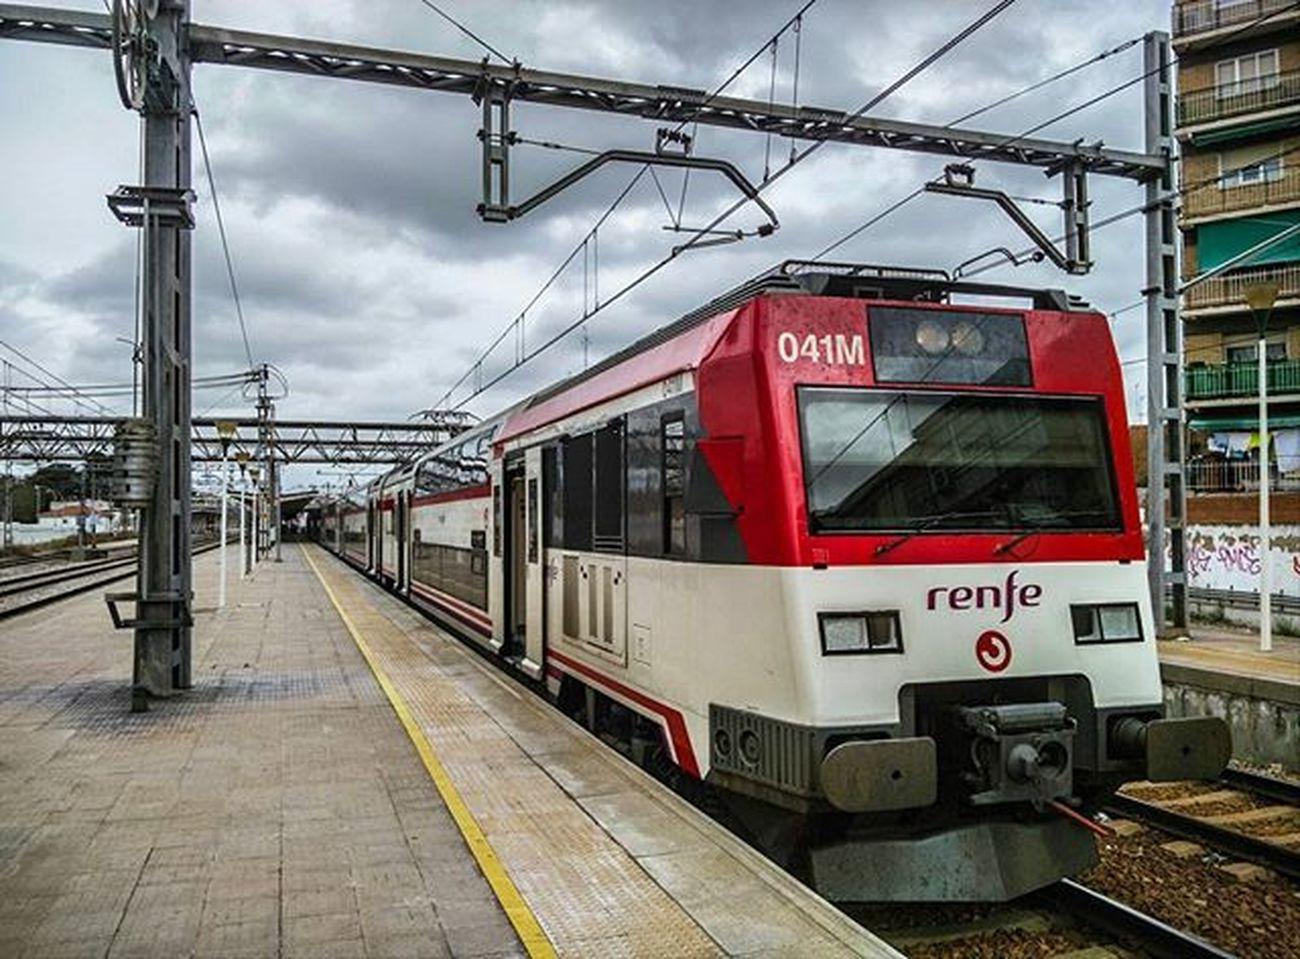 450 Tren Cercanias Renfe Estación